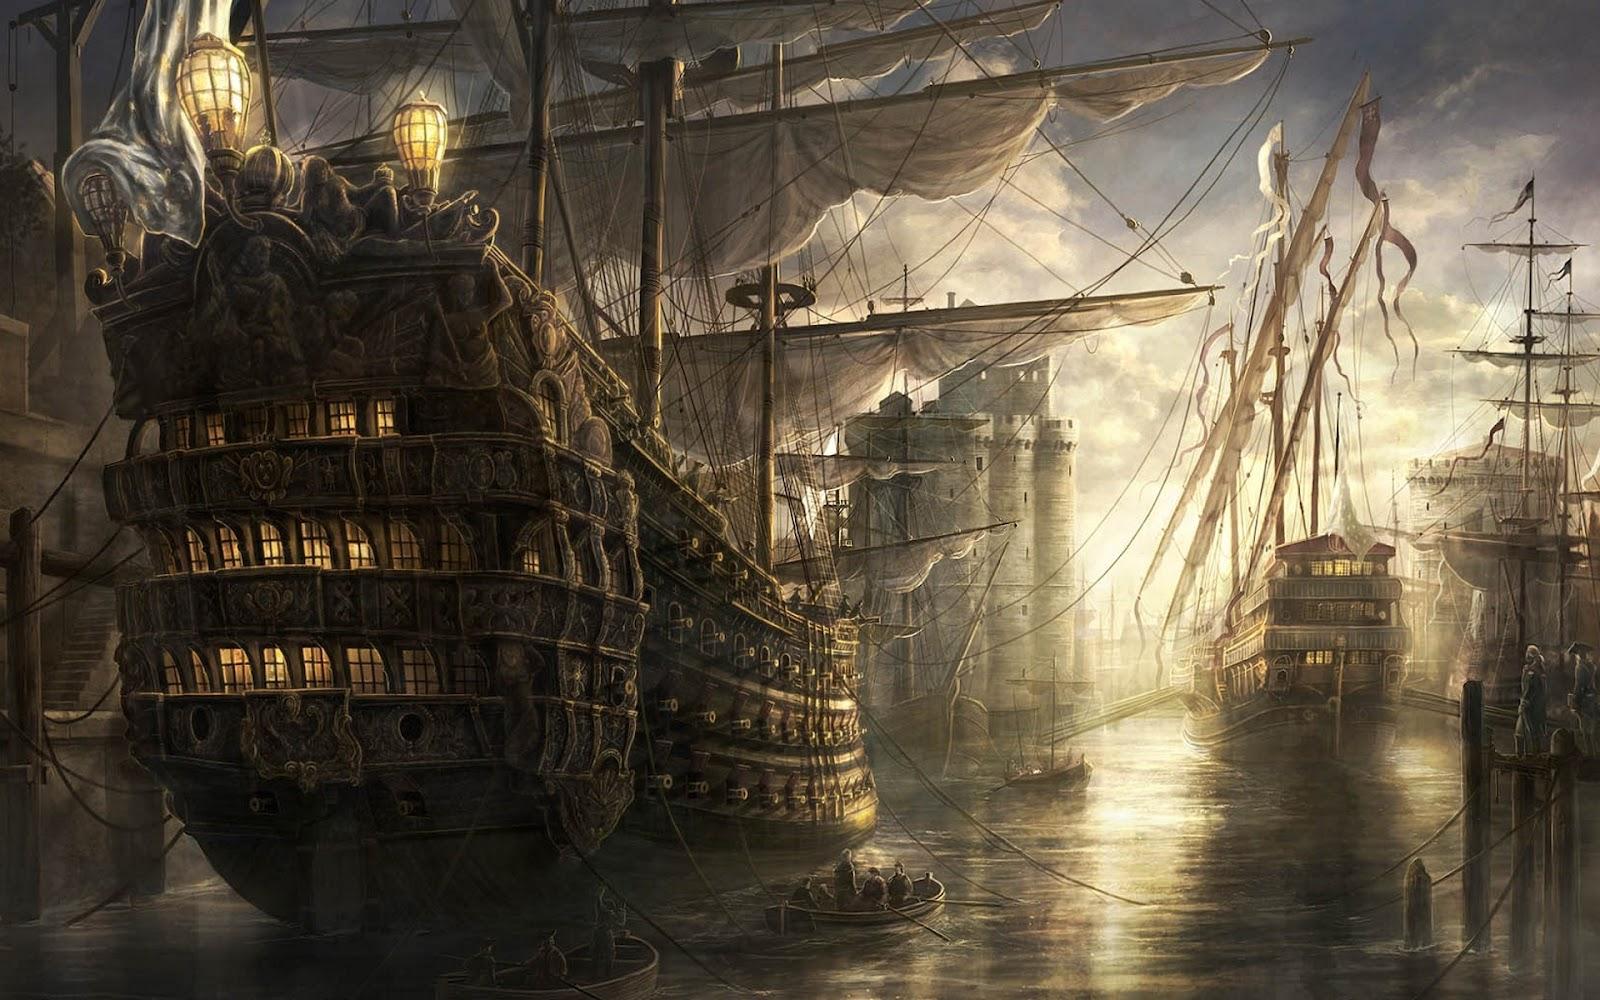 http://2.bp.blogspot.com/-h8jb8b7DUWo/T9wgbIsce6I/AAAAAAAADWQ/Mukc5CRptQk/s1600/Empire+Total+War+HD+Wallpapers+%252815%2529.jpg